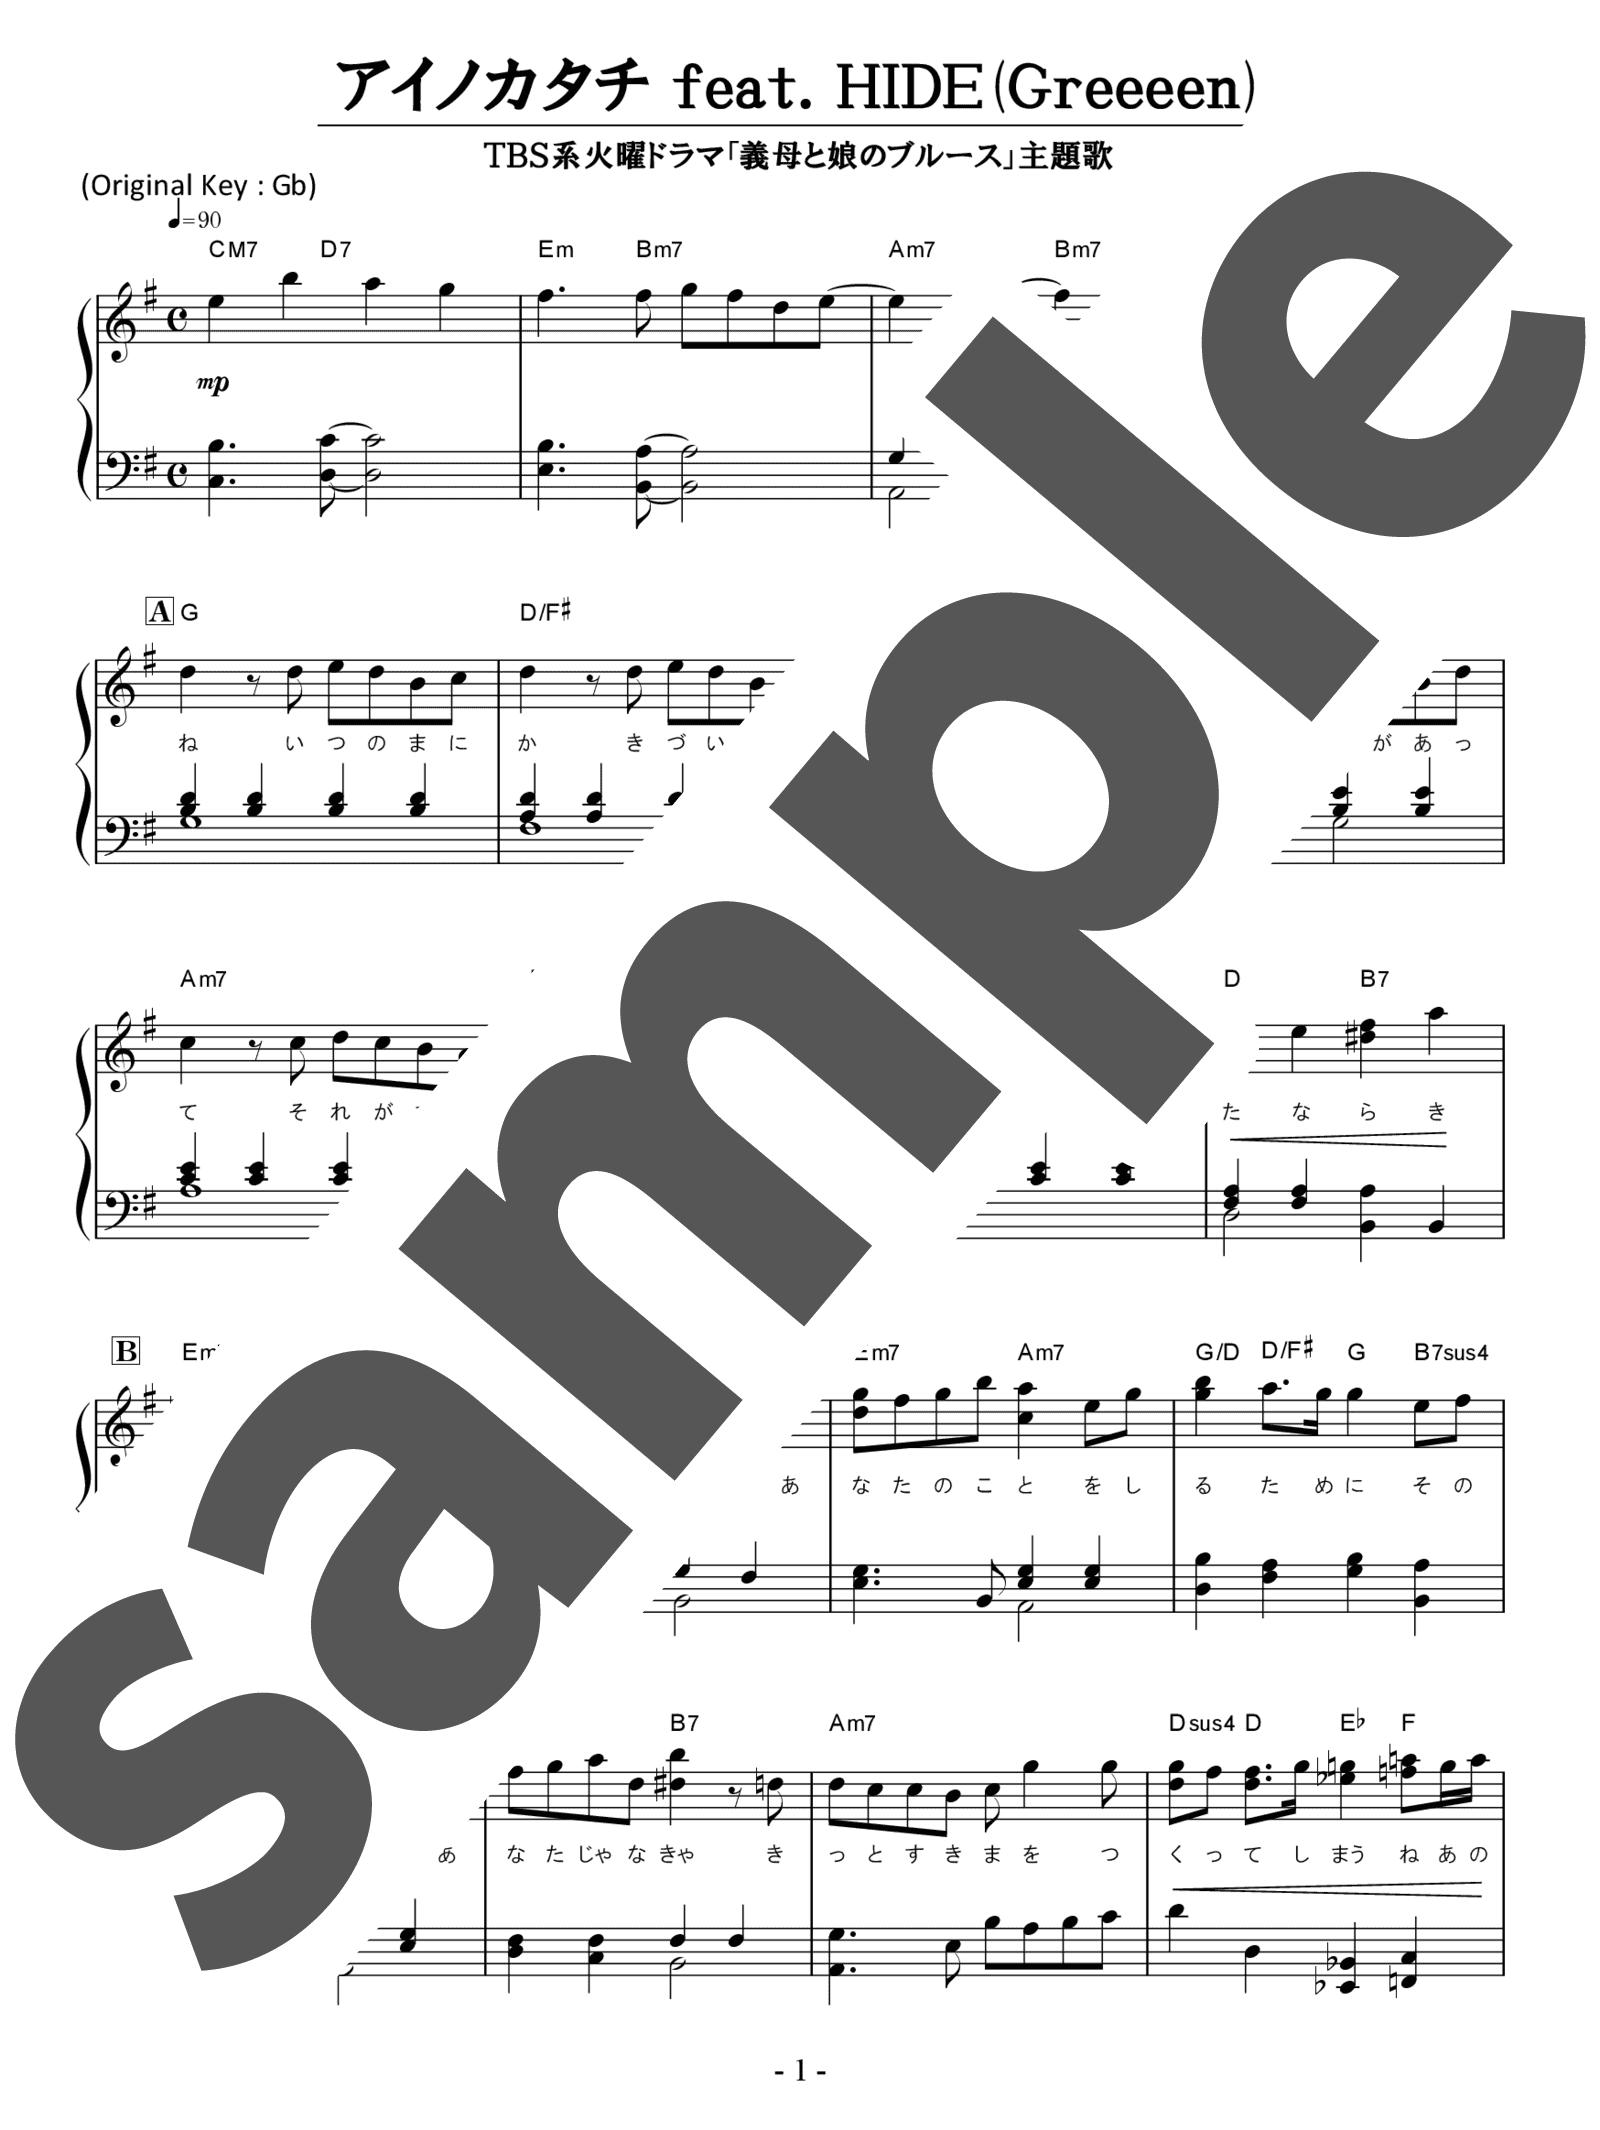 「アイノカタチ feat.HIDE(GReeeeN)」のサンプル楽譜